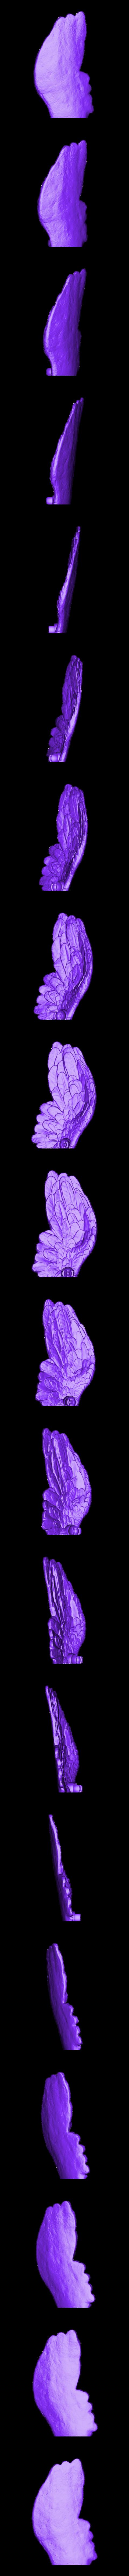 Left_Wing.stl Télécharger fichier STL gratuit Gorille Ares • Plan pour imprimante 3D, Pwenyrr